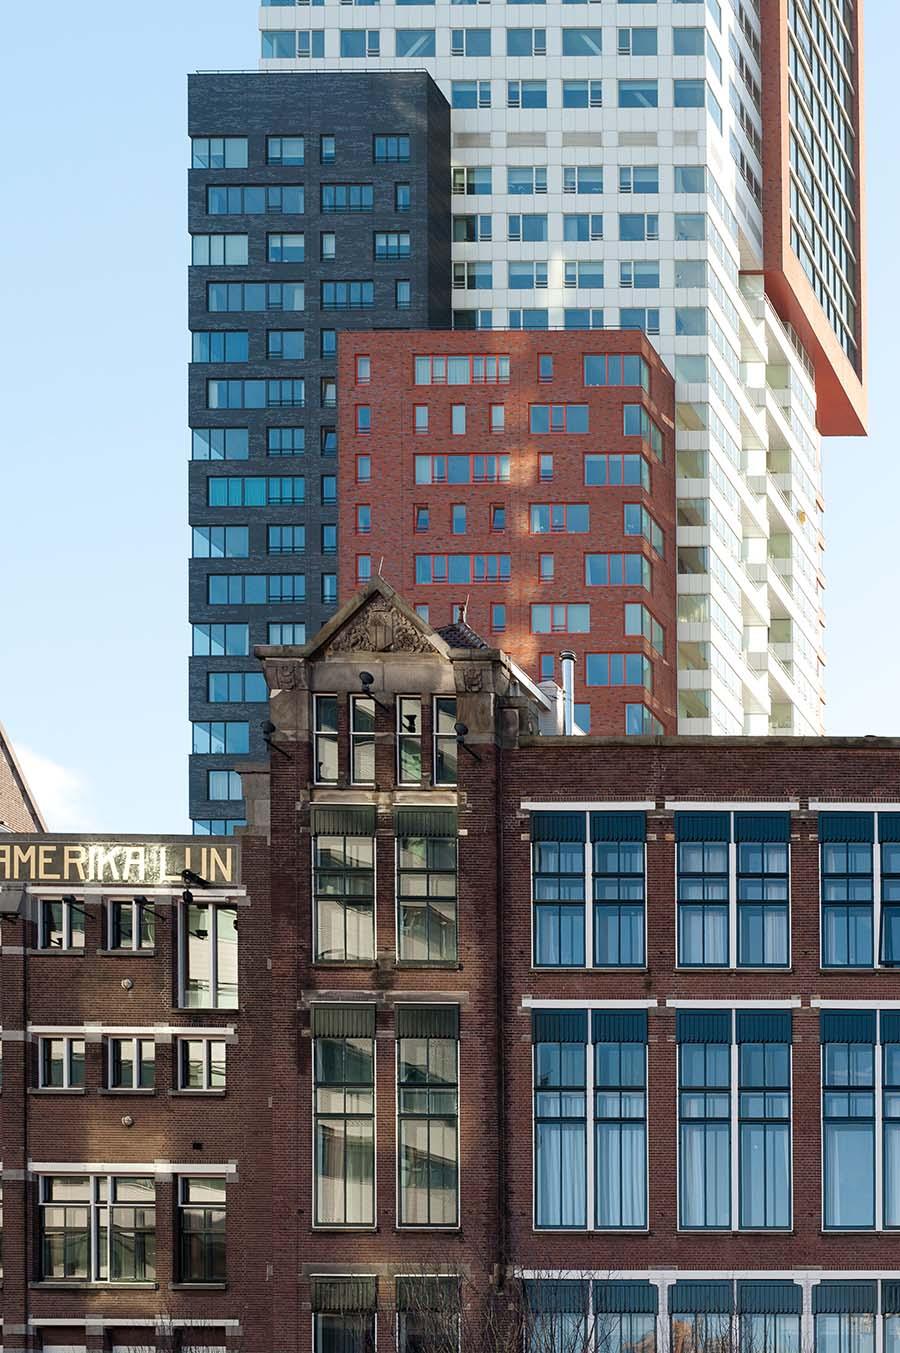 Rotterdam, kop van zuid, Montevideo, hotel New York, architectuur, fotografie, Frank Penders, Muelink en Grol,